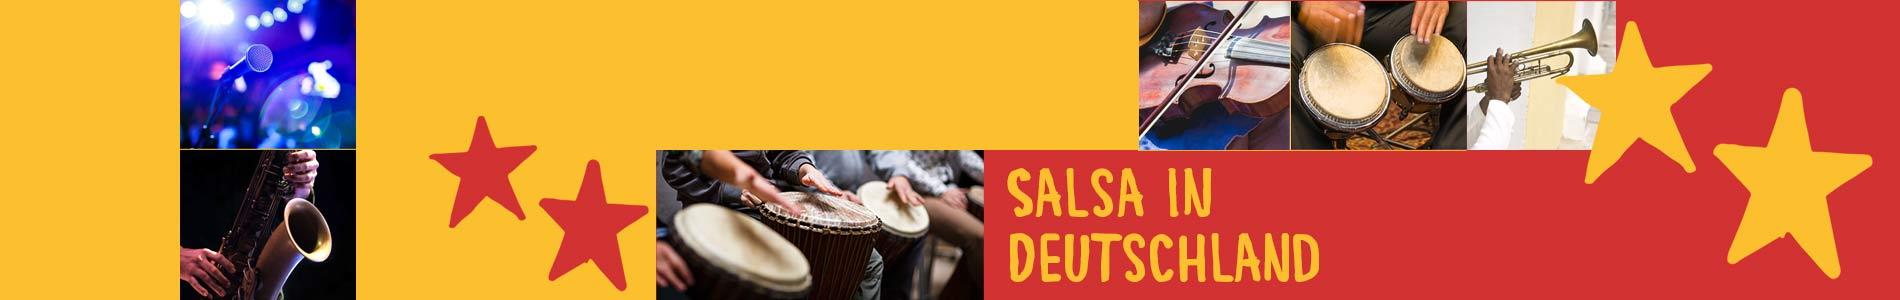 Salsa in Brockum – Salsa lernen und tanzen, Tanzkurse, Partys, Veranstaltungen